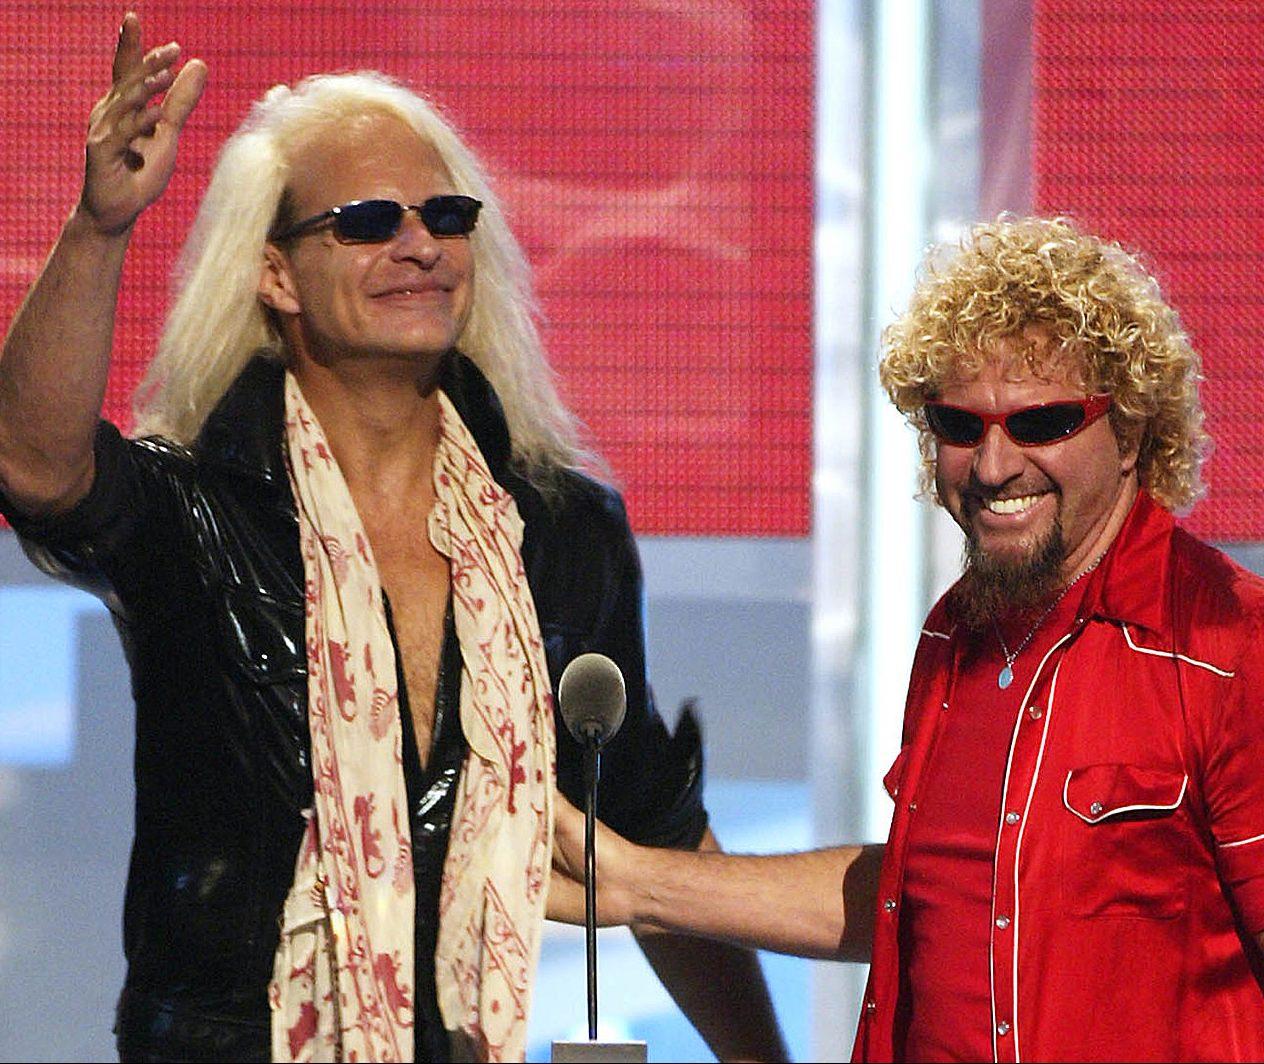 rothHagar e1604675059576 20 Facts About Rock Legends Van Halen That Will Make You Jump